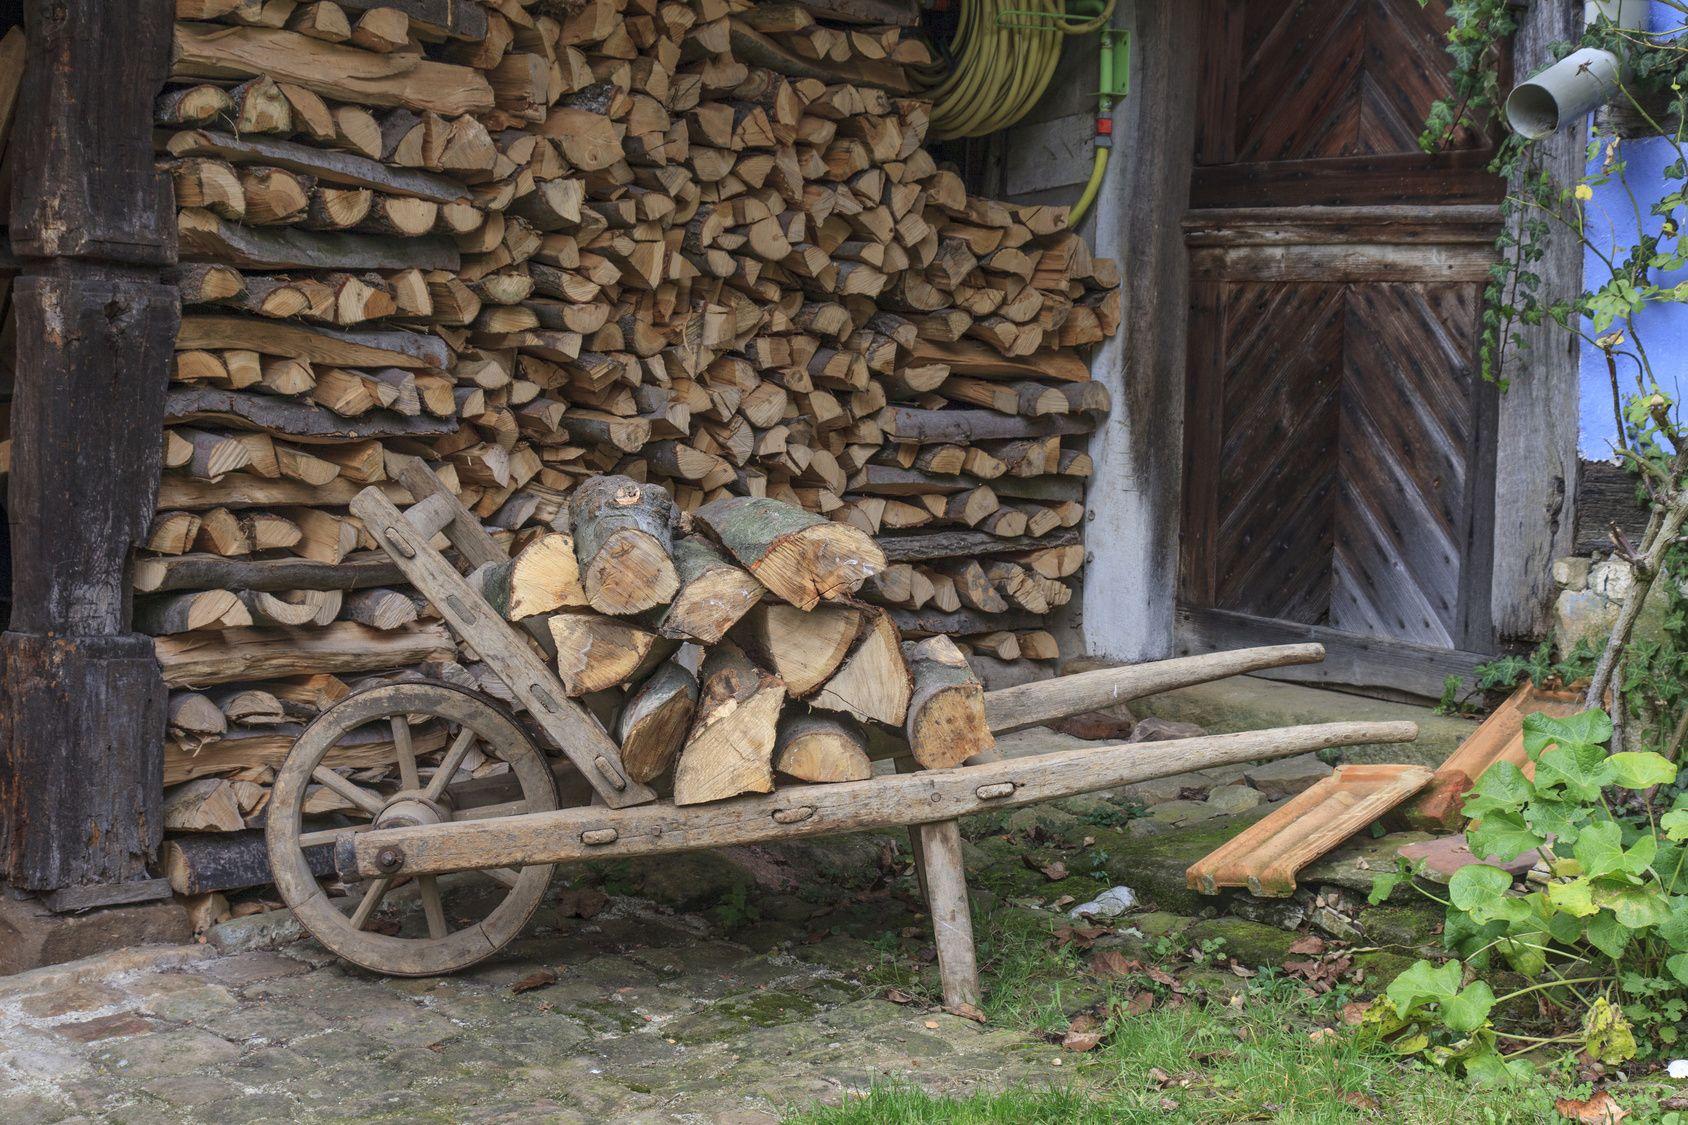 Una vecchia carriola di legno pu diventare una poltroncina da giardino trasportabile con - Carriola in legno da giardino ...